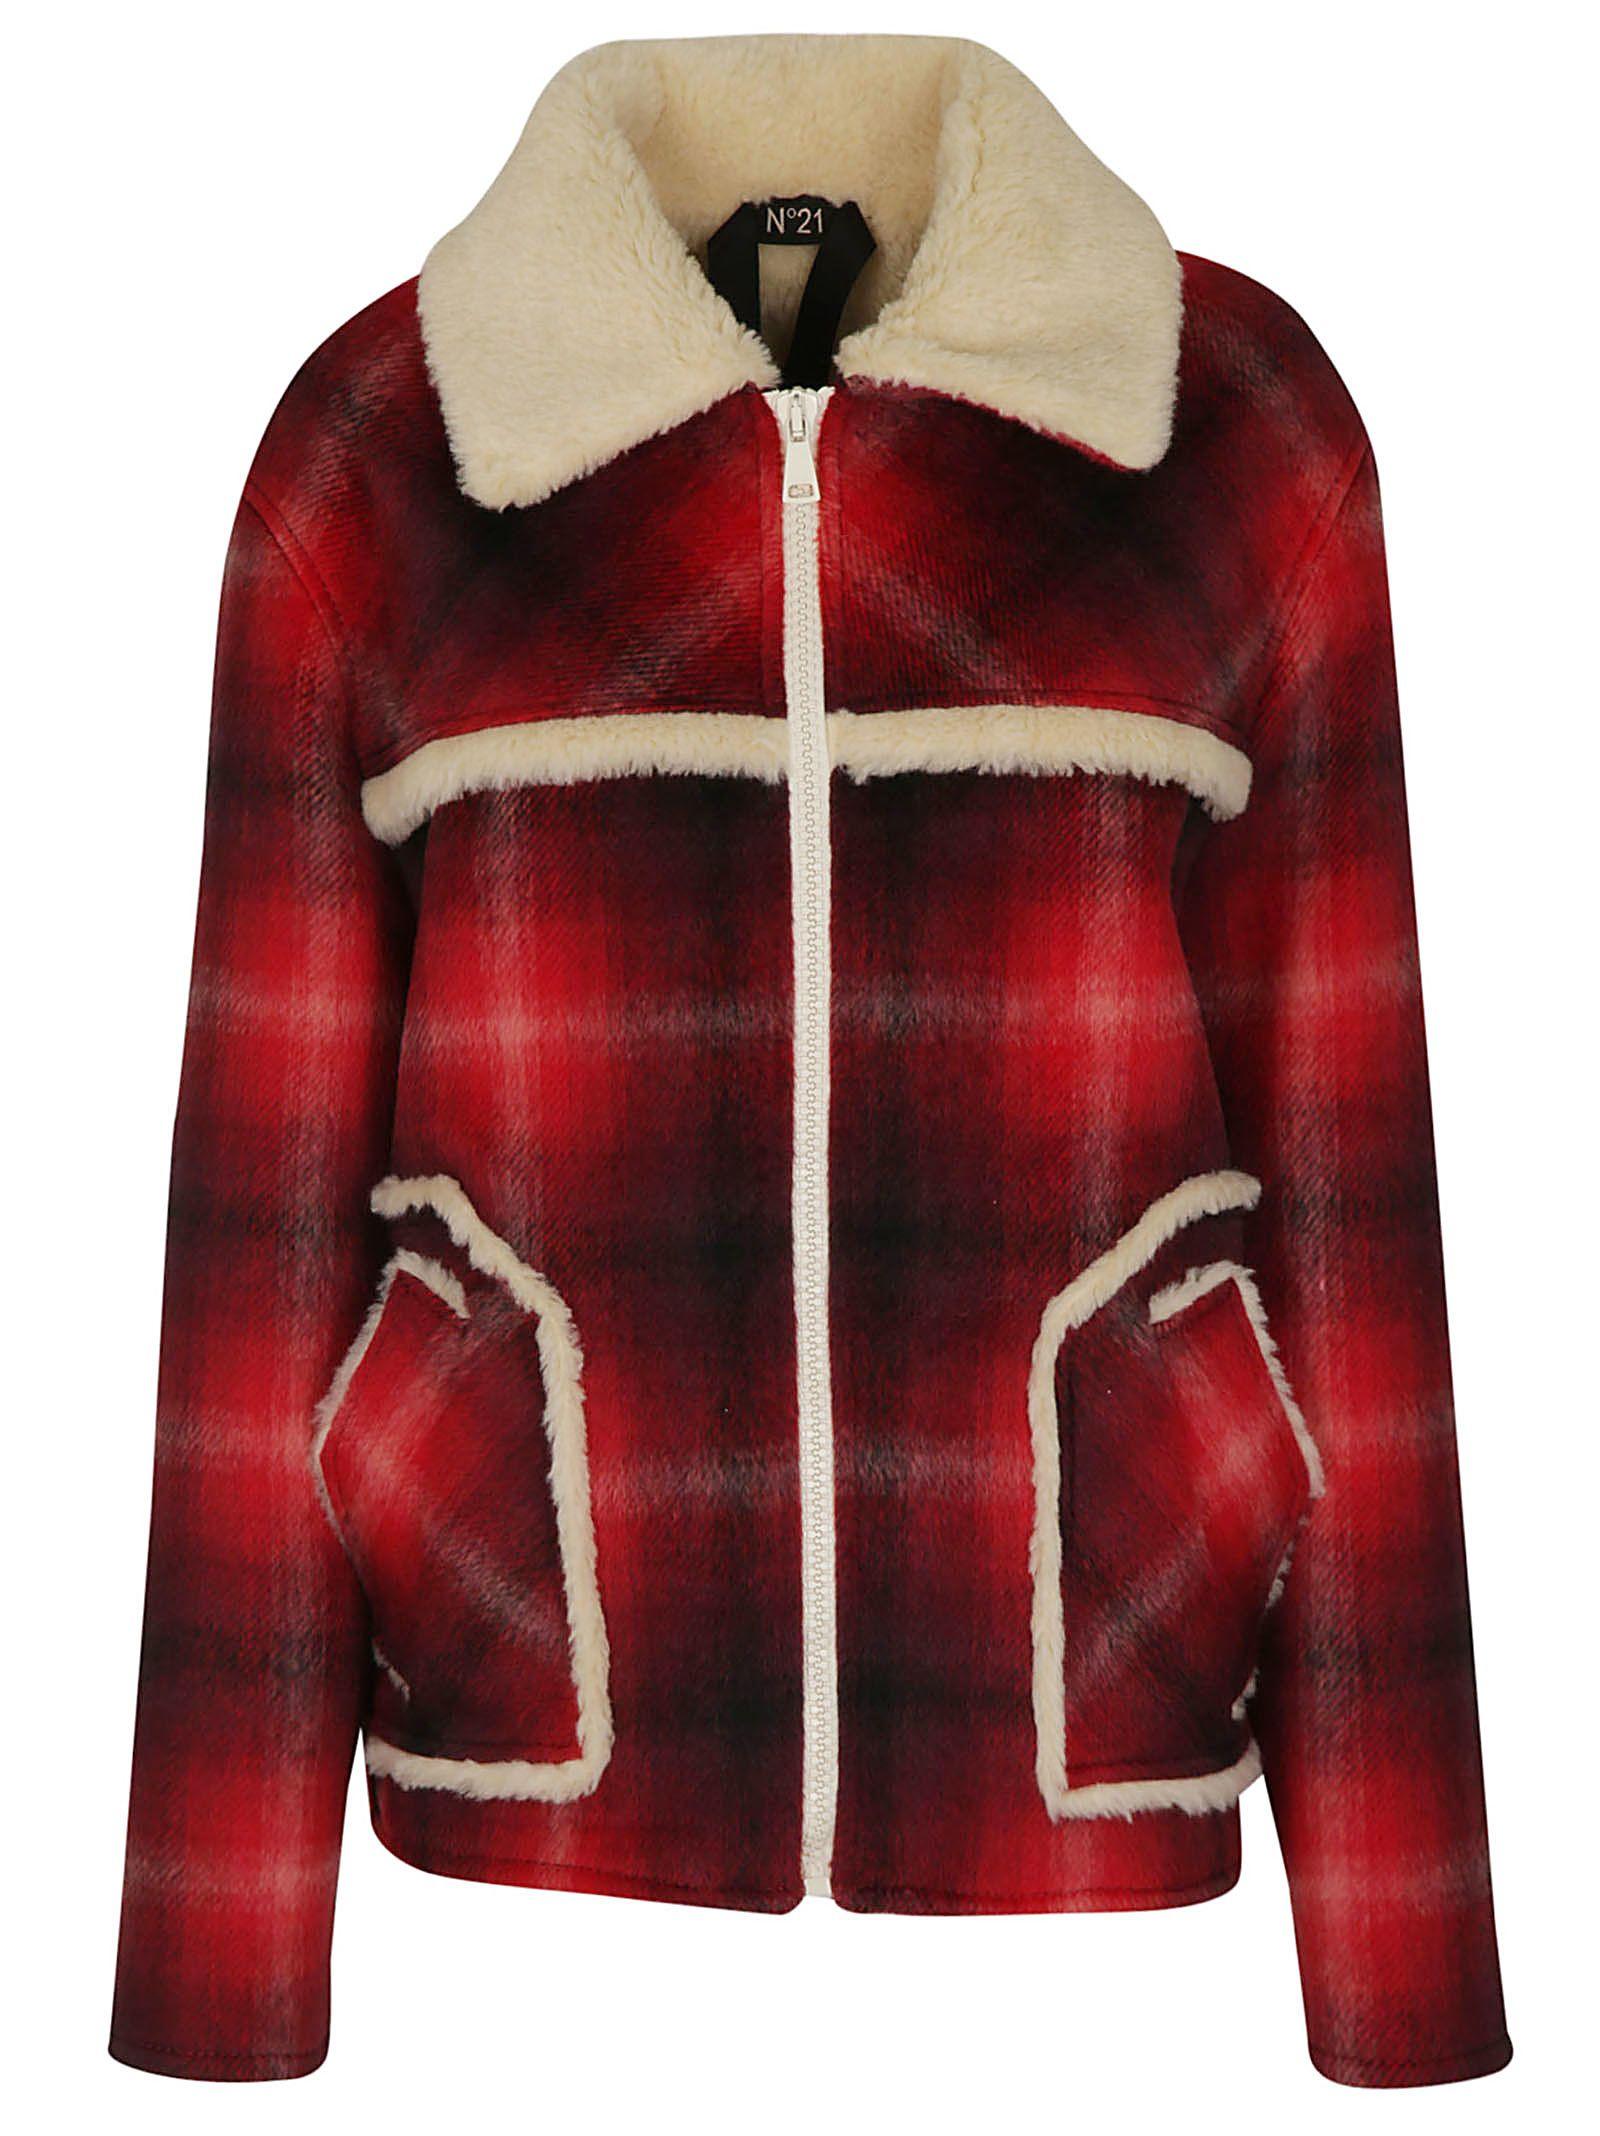 n.21 -  Fur Trim Jacket